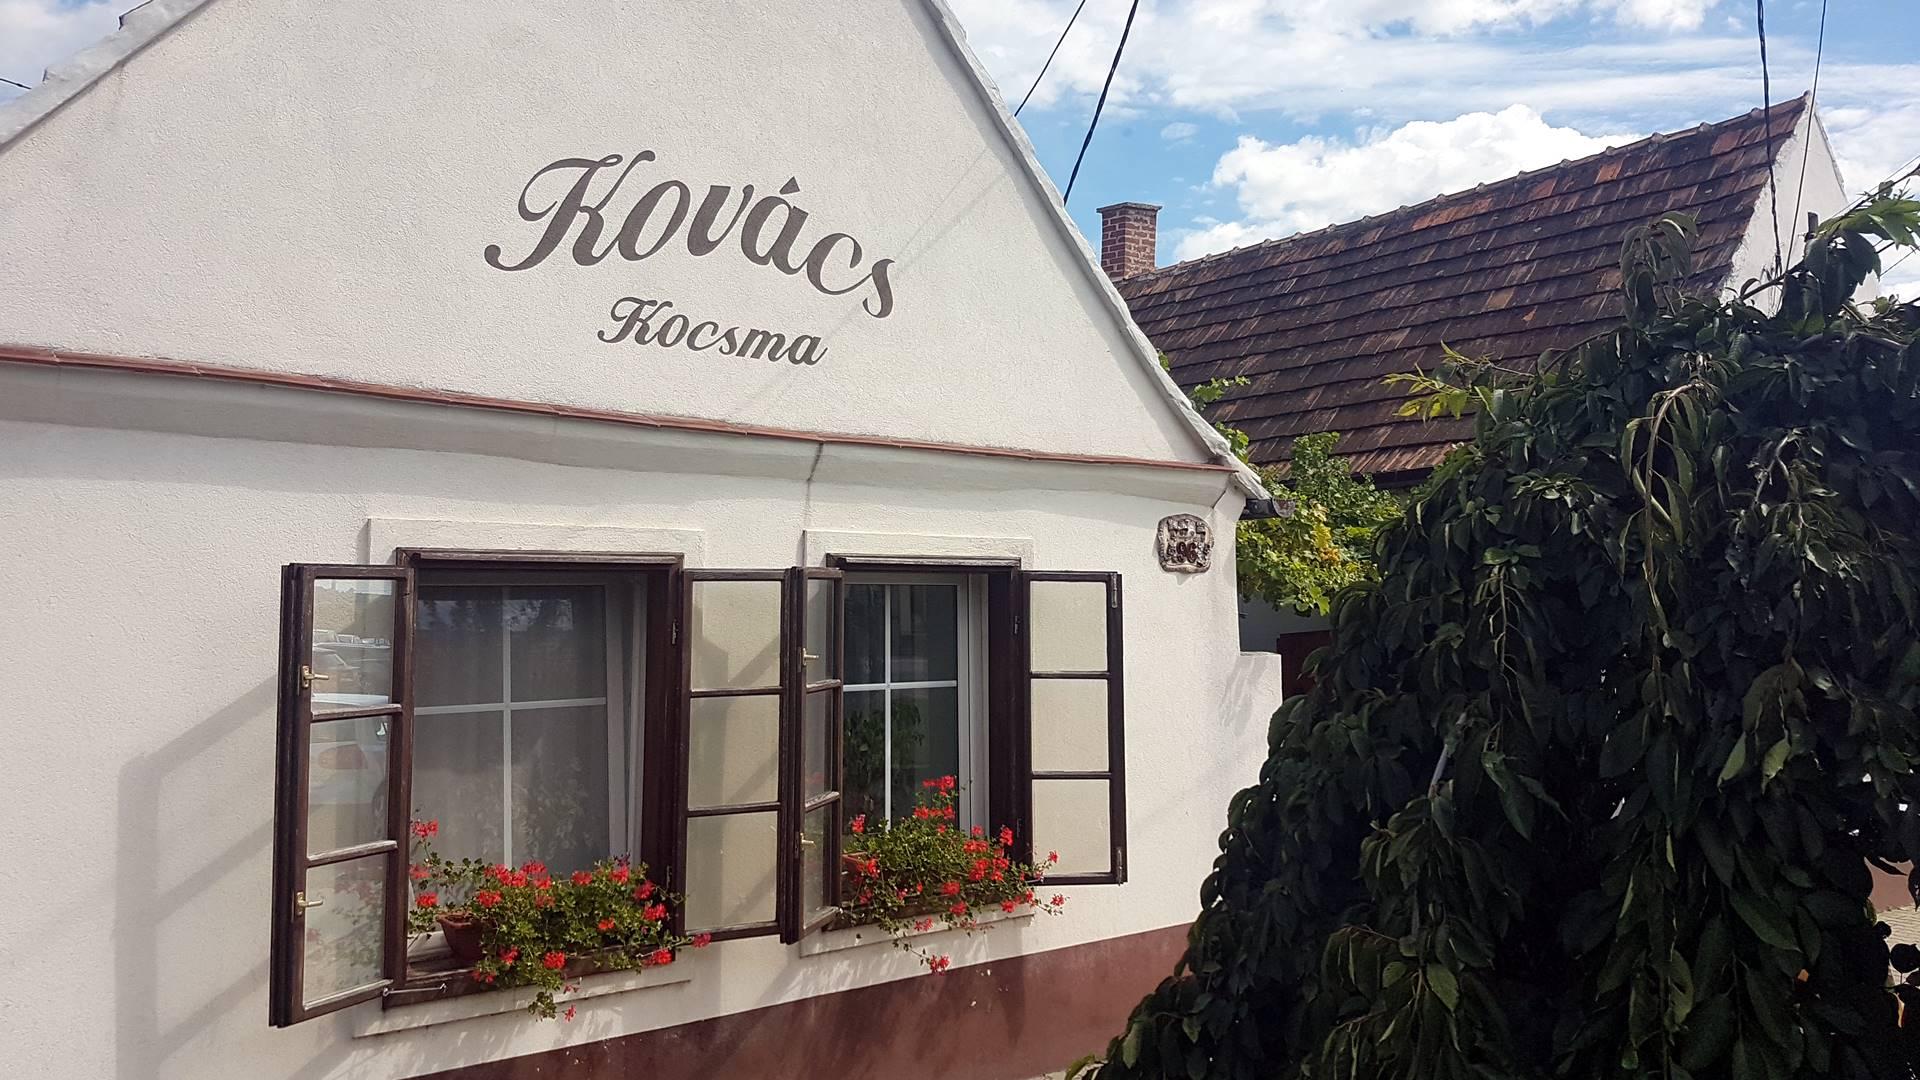 kovacs-kocsma-fertorakos